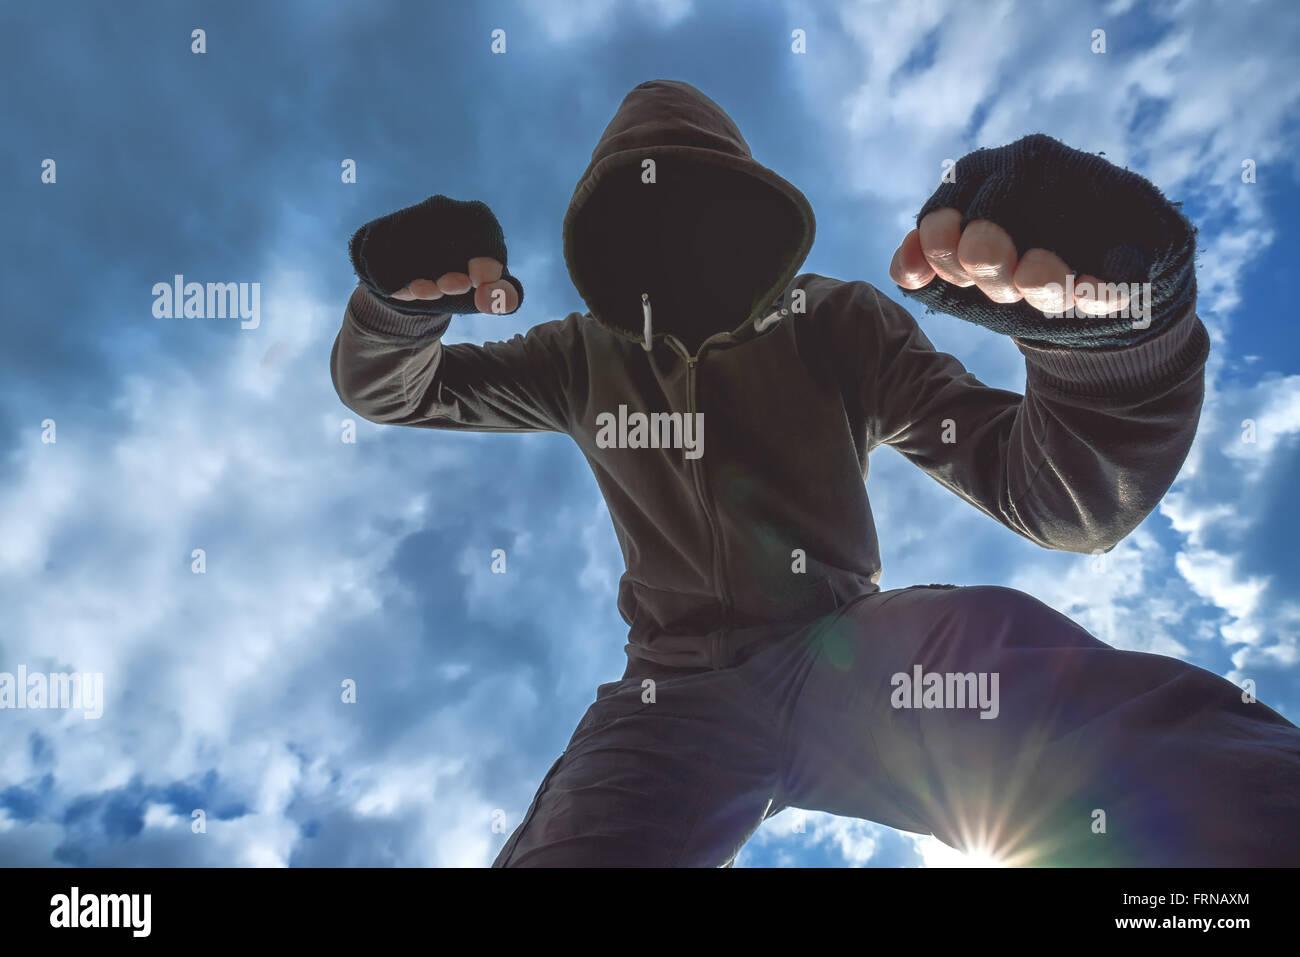 Violento attacco, irriconoscibile incappucciati criminale maschio di calci e pugni vittima sulla strada. Immagini Stock